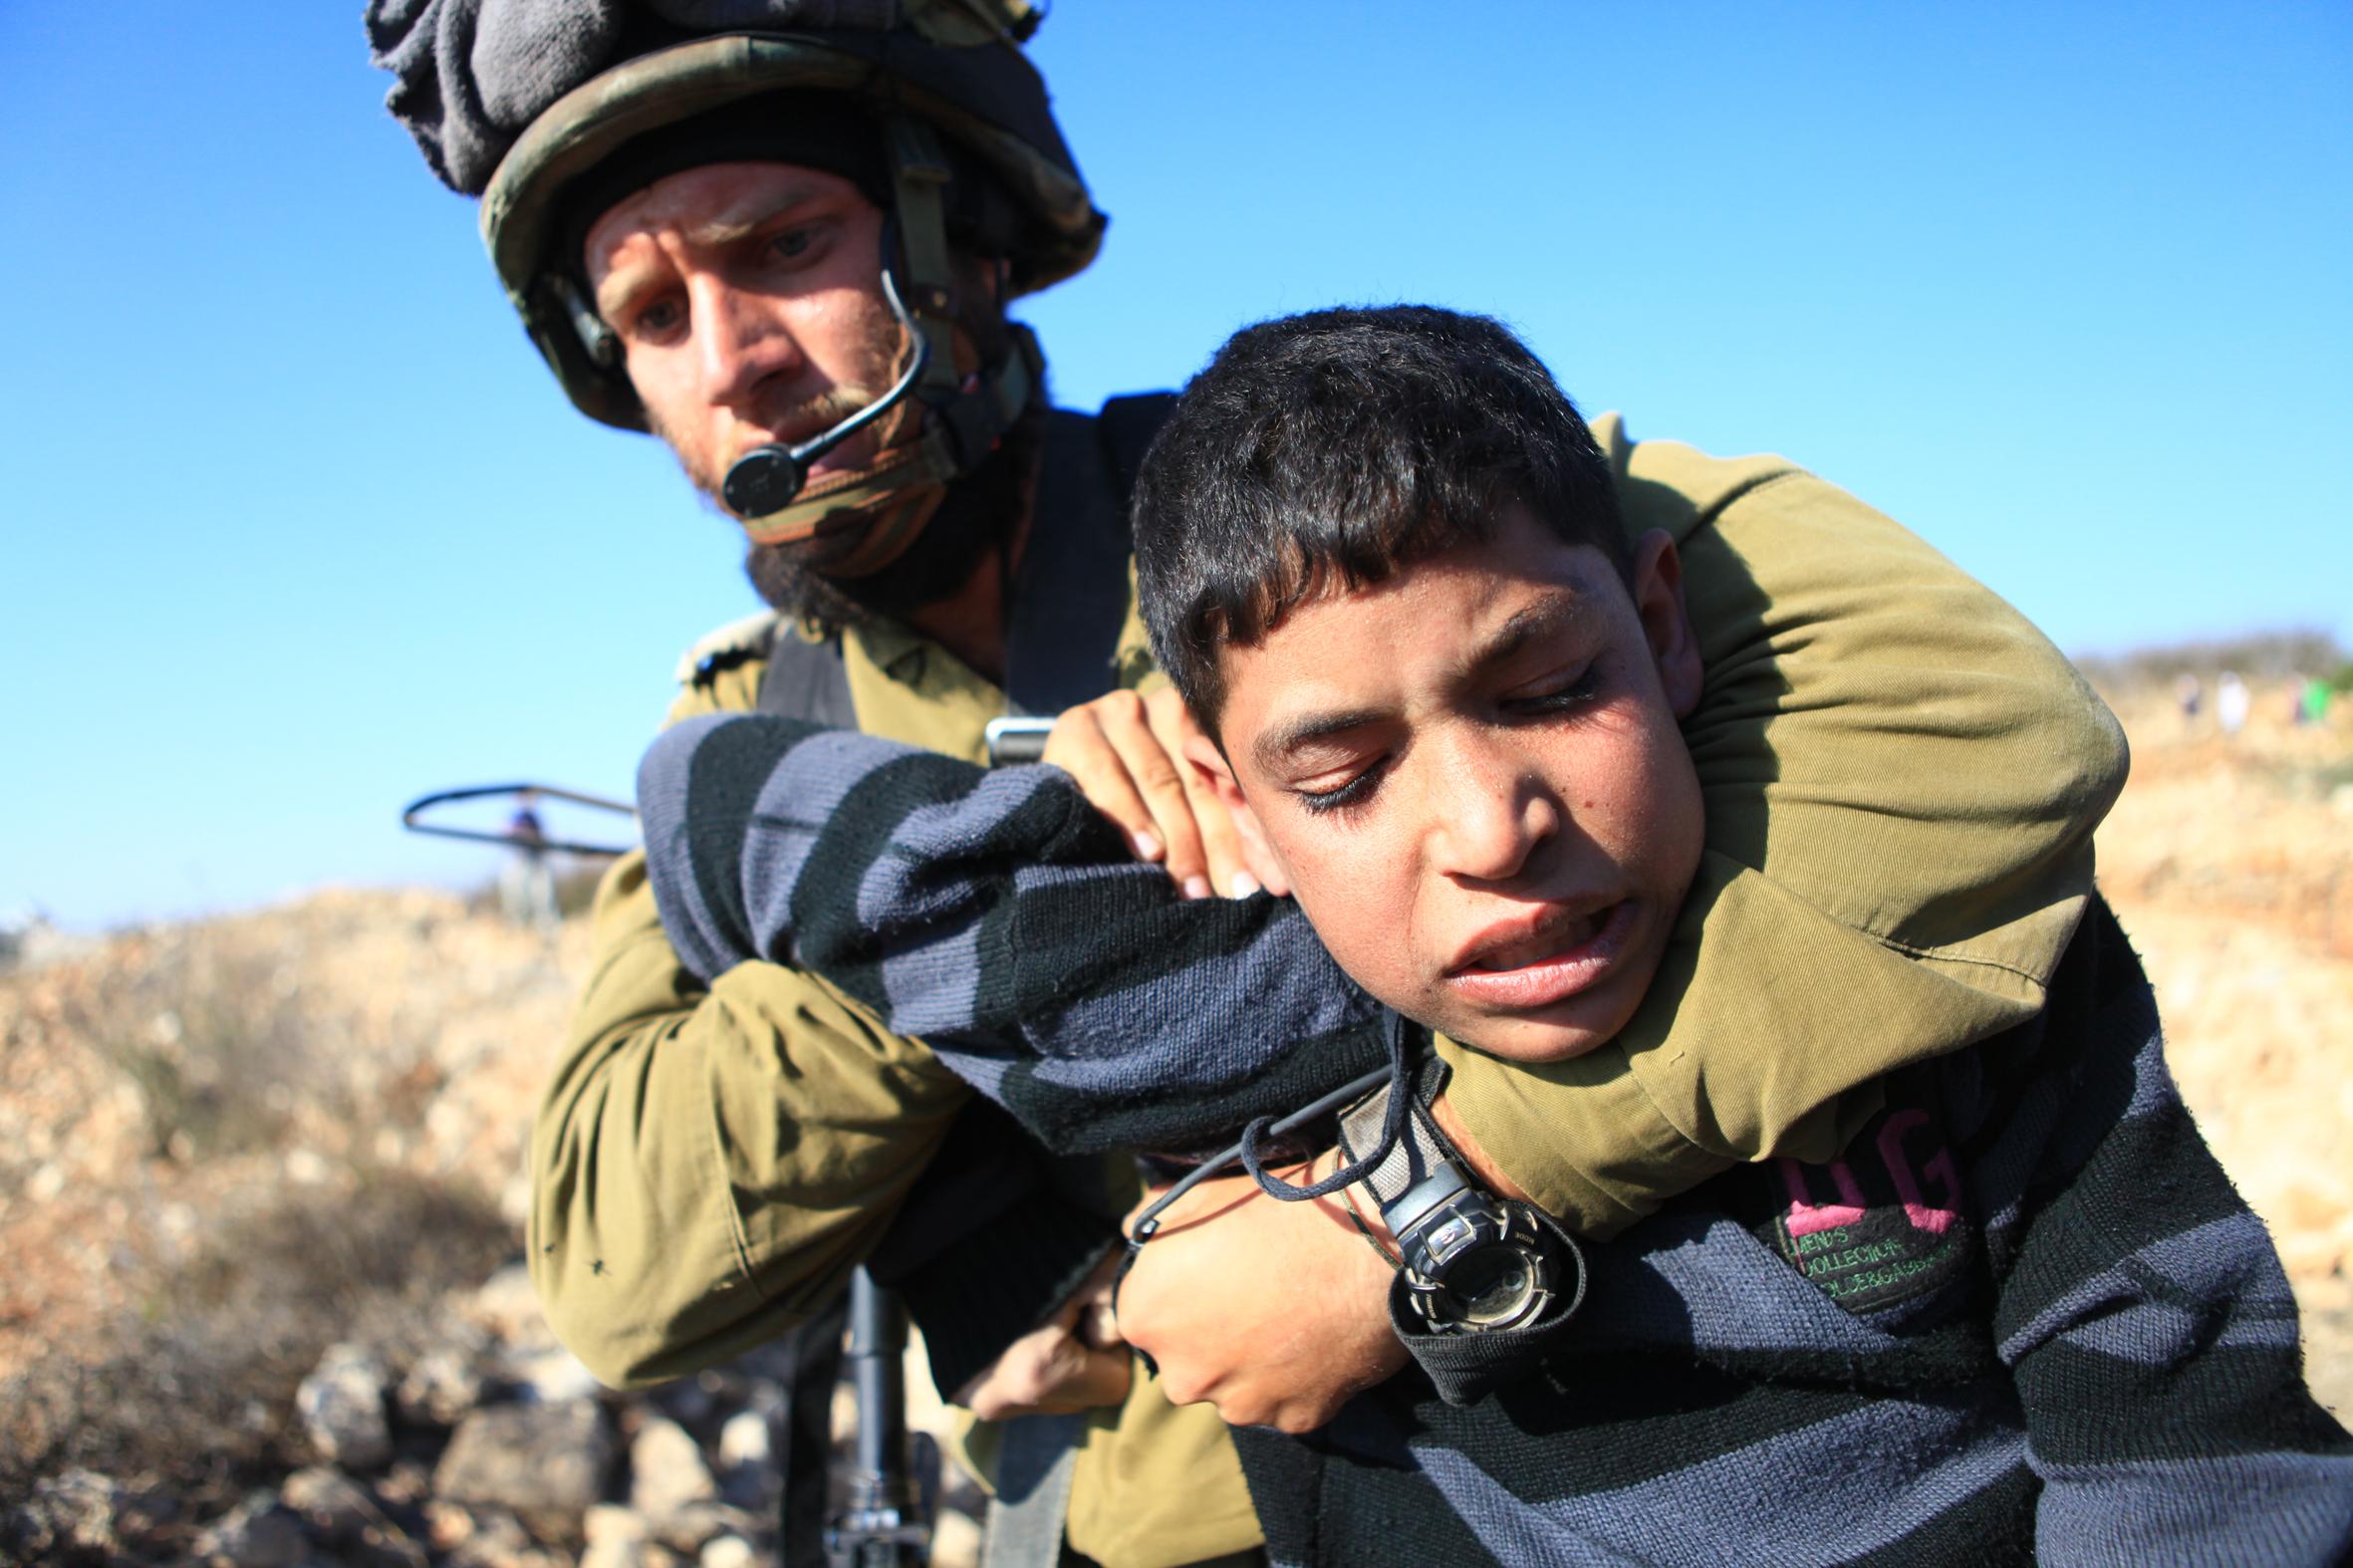 Jews Step Forward - IDF choking child.